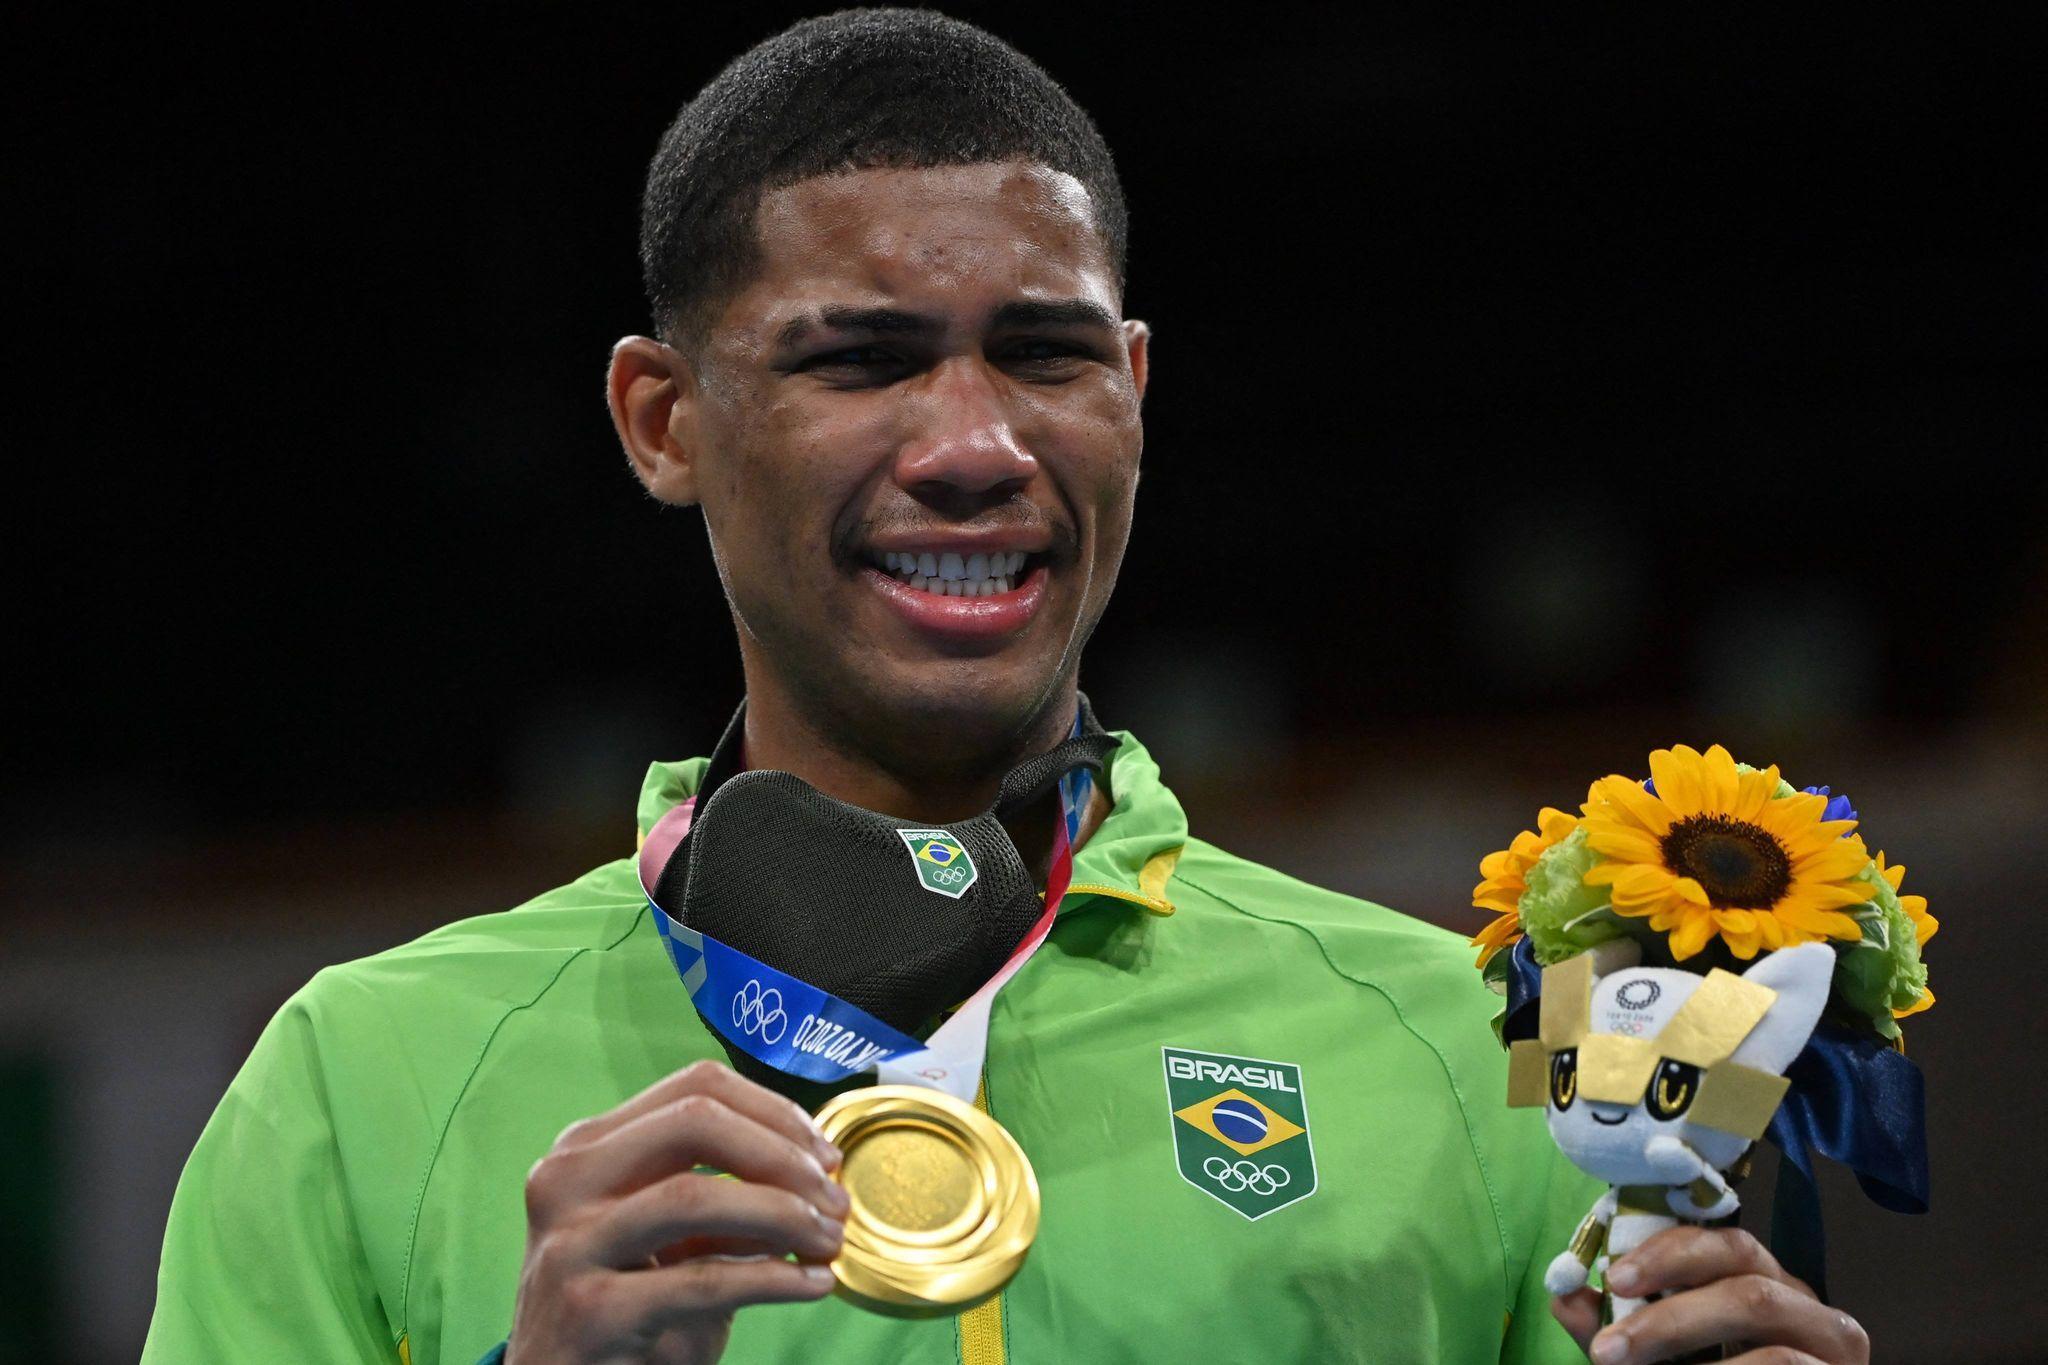 233808012 260432122270240 3881789430488633960 n - Se fosse um país, Nordeste teria mais medalhas que Espanha, Argentina e Portugal